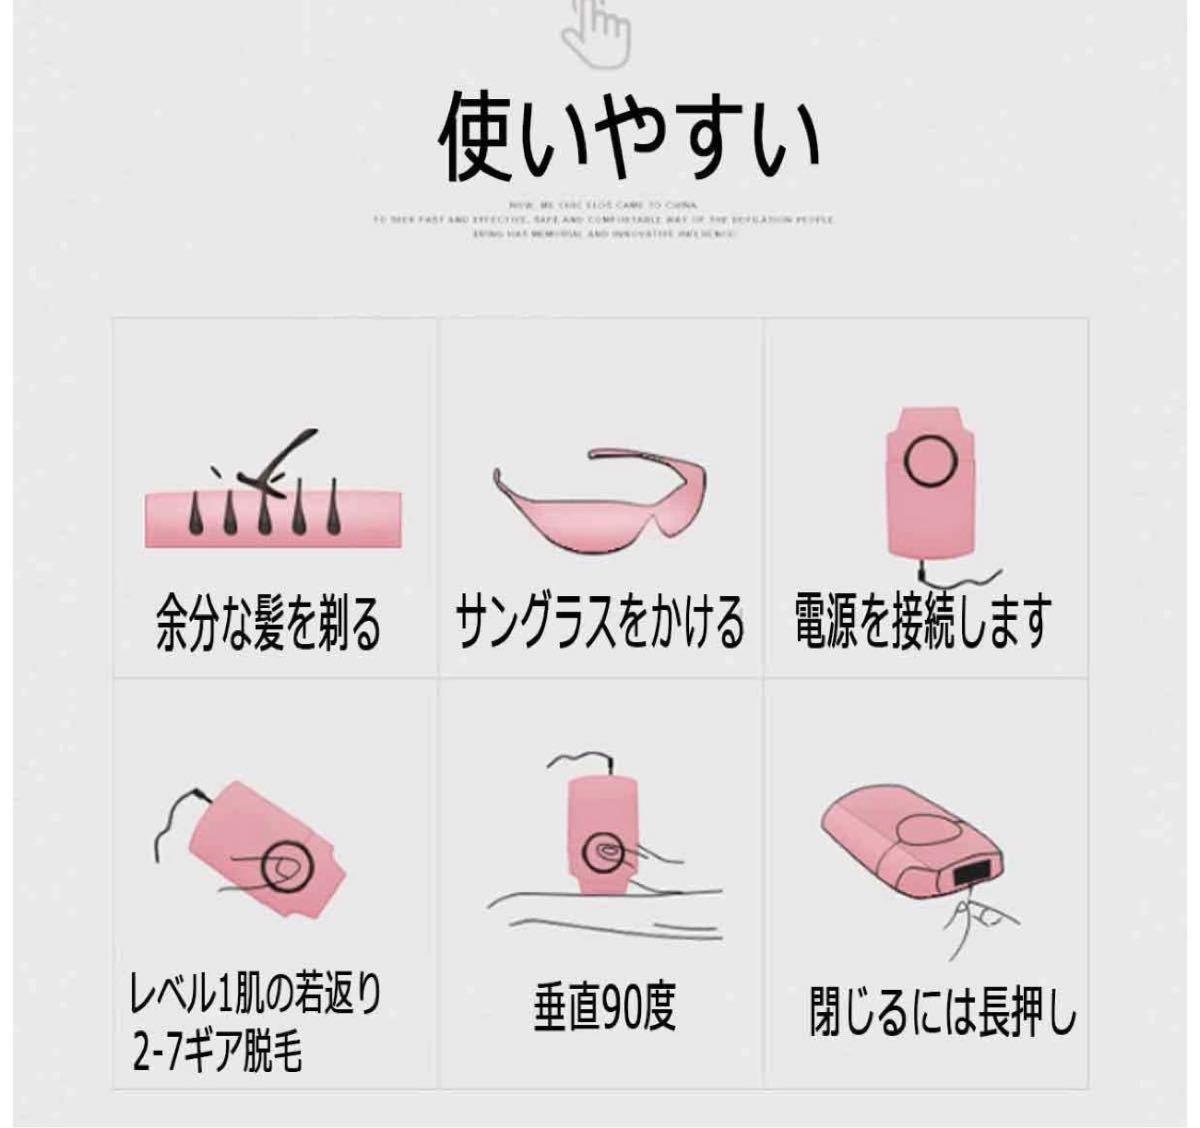 男女兼用 光脱毛器 家庭用 脱毛器 晶 脱毛機 光美容器 永久脱毛